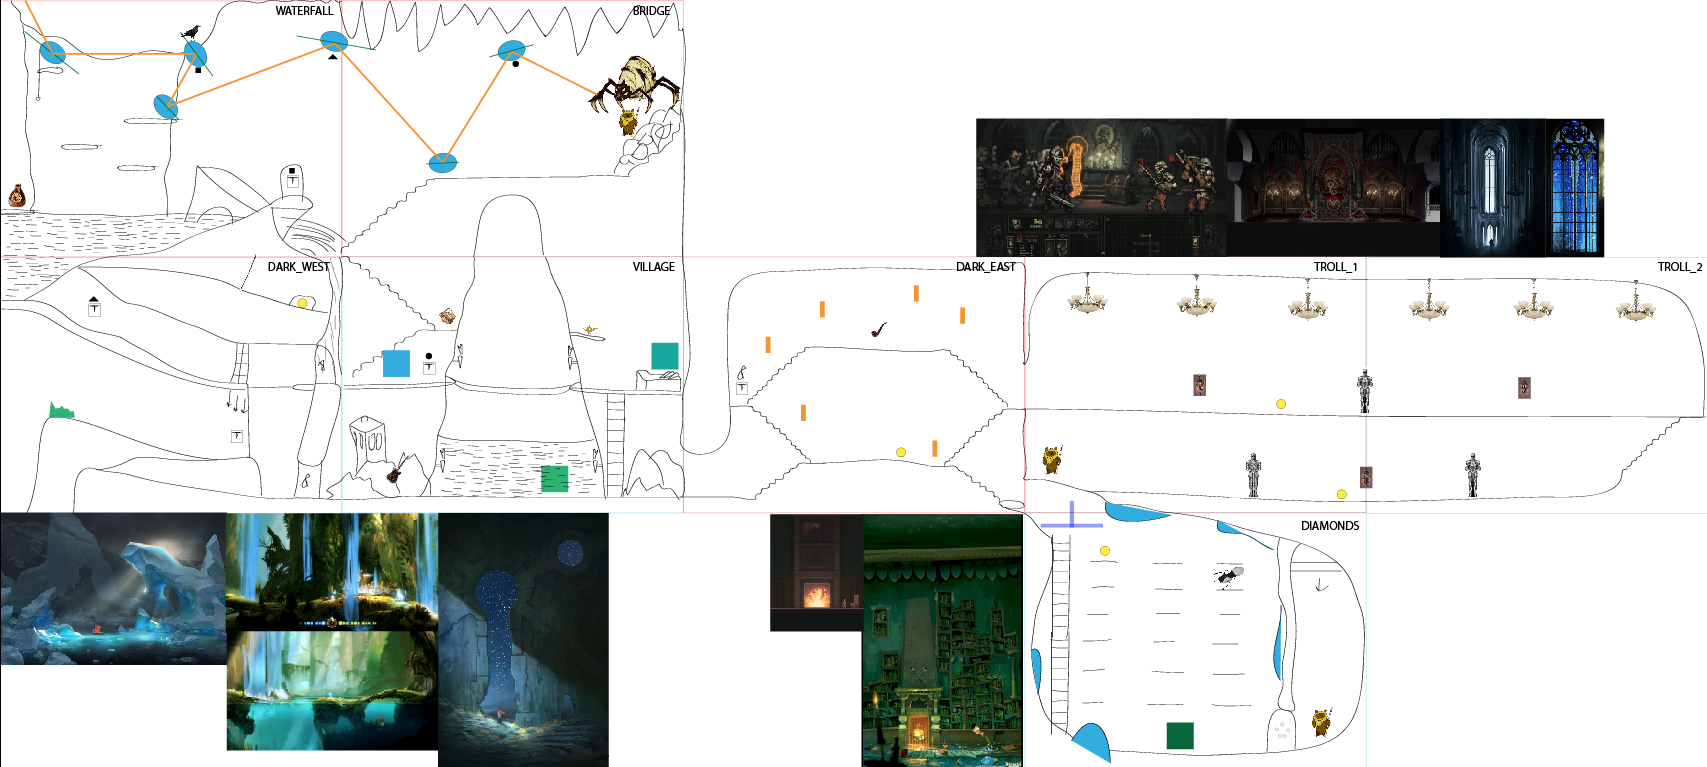 Die With Glory – внутренняя кухня разработки игры, ч.2 - Изображение 7